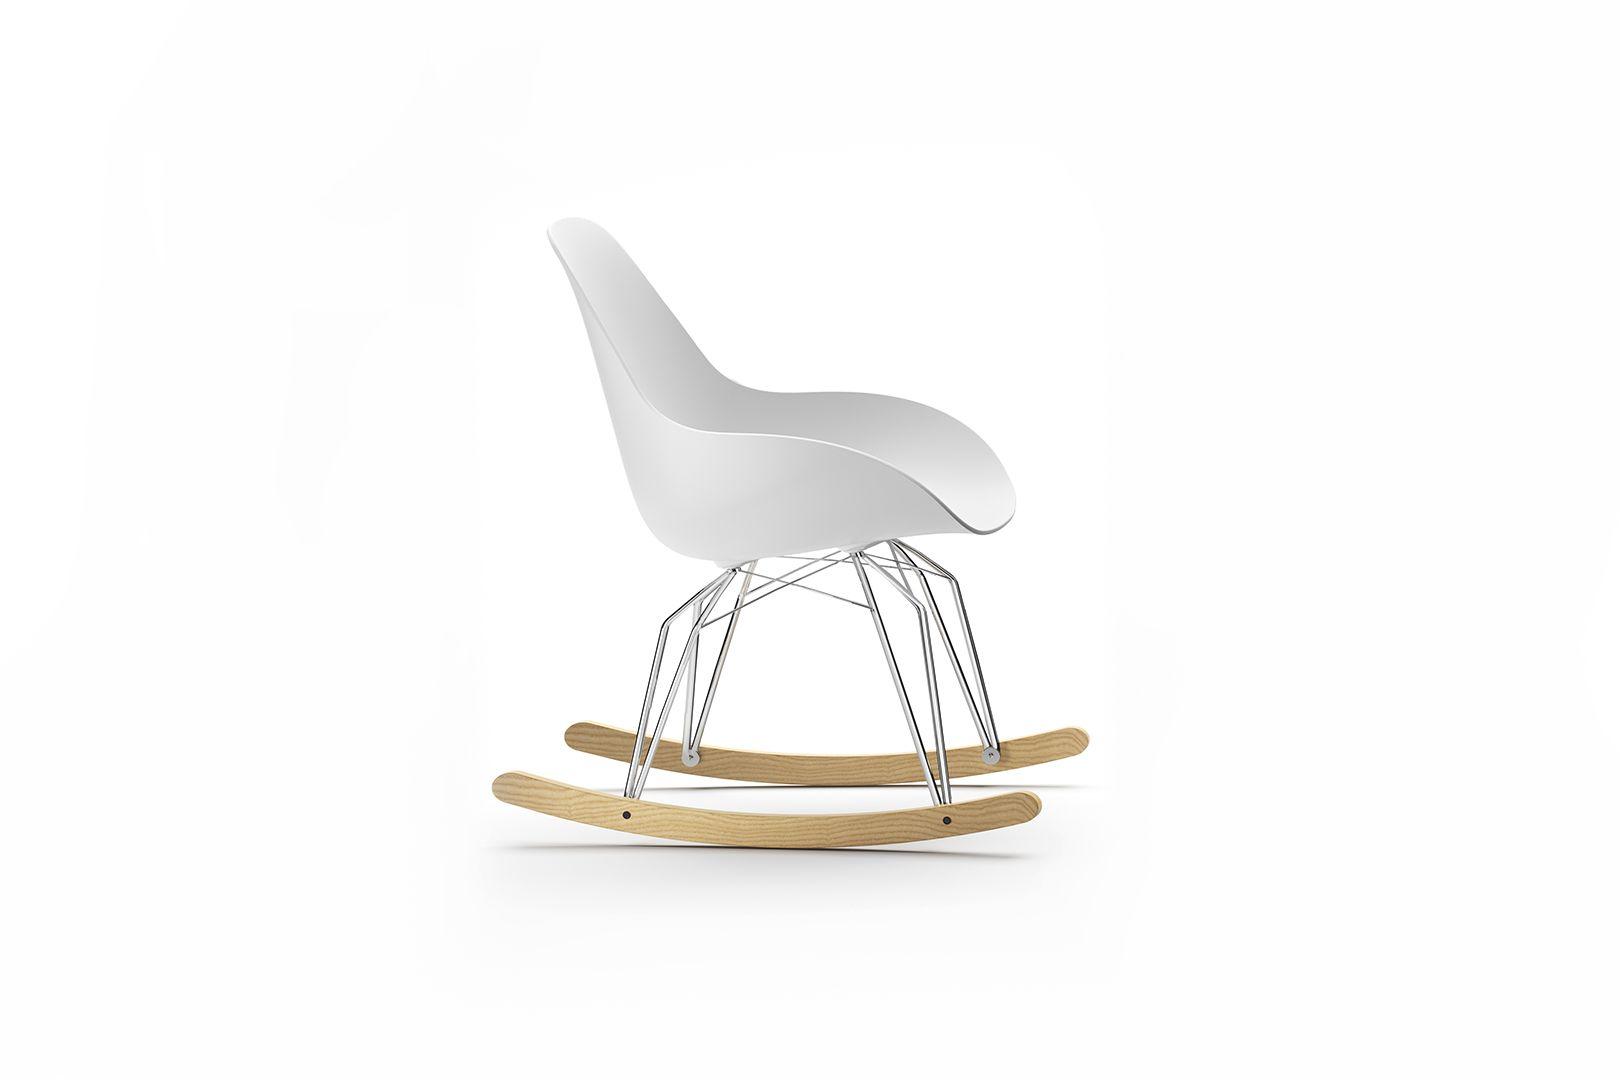 © Dimple Closed shell design by Sander Mulder. © Diamond Rocker base design by Stolt Design.